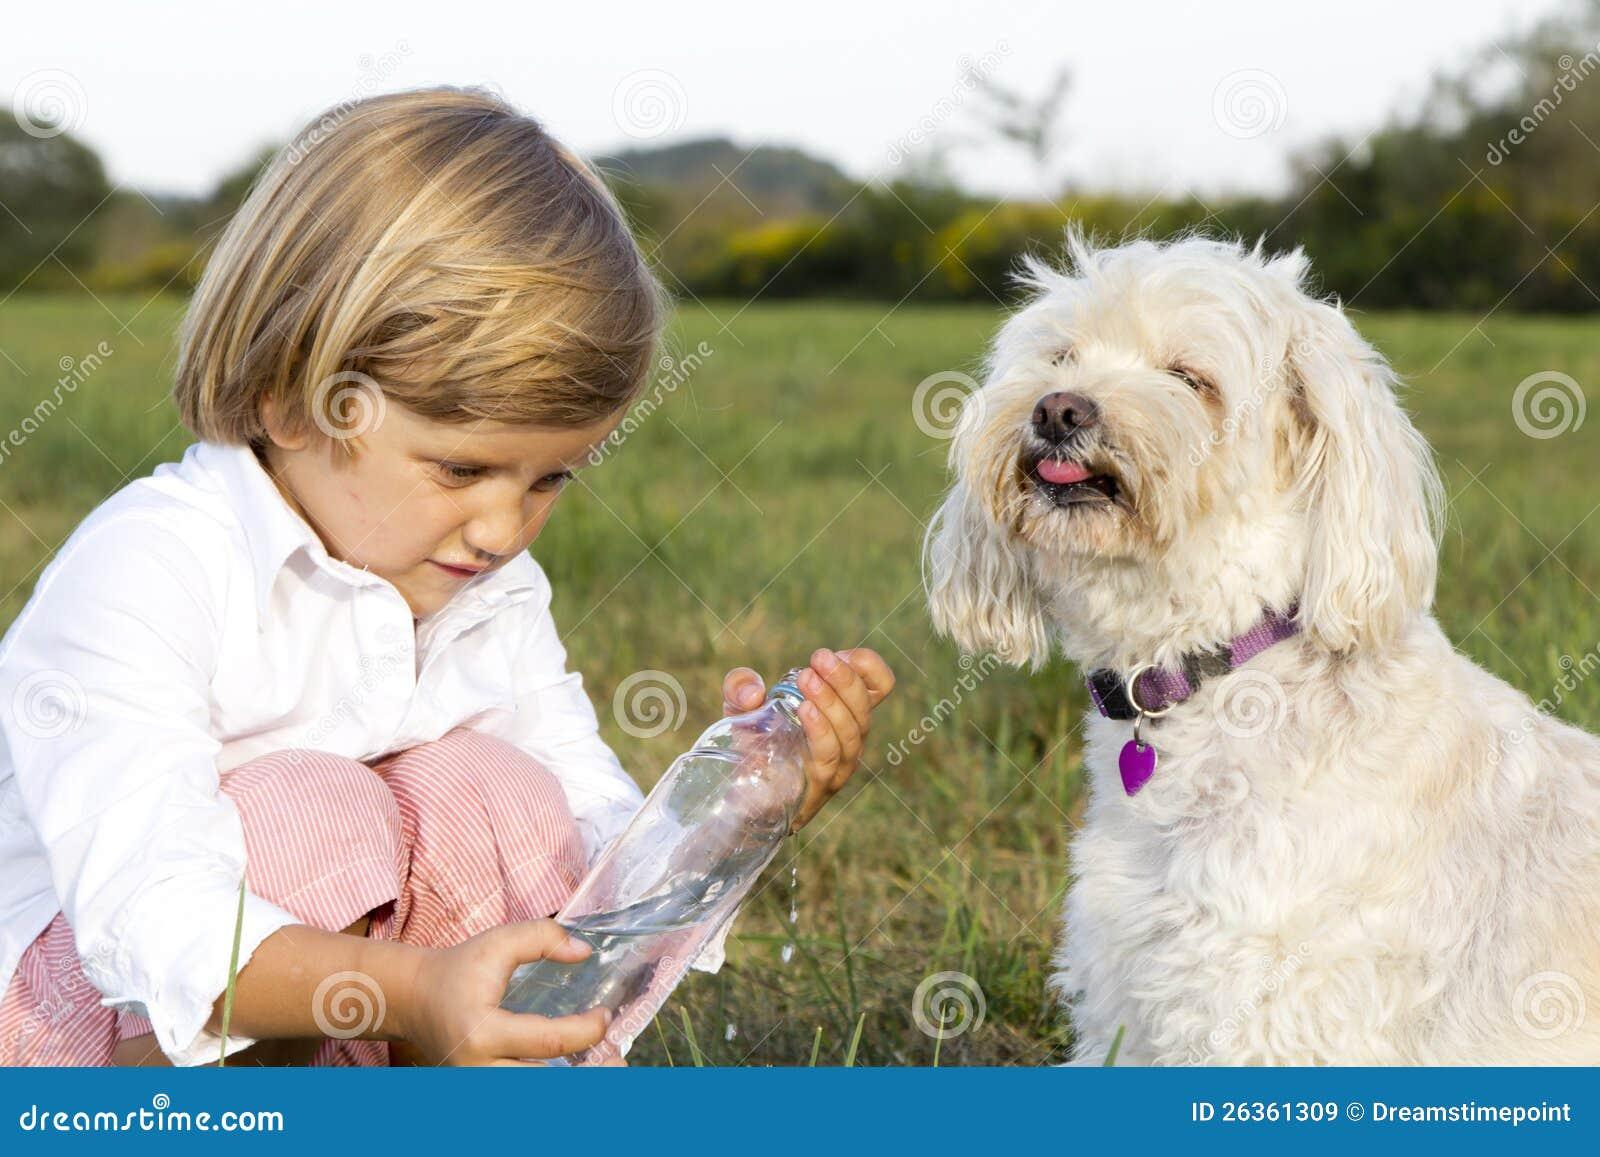 Junger netter Junge, der dem Hund Wasser gibt